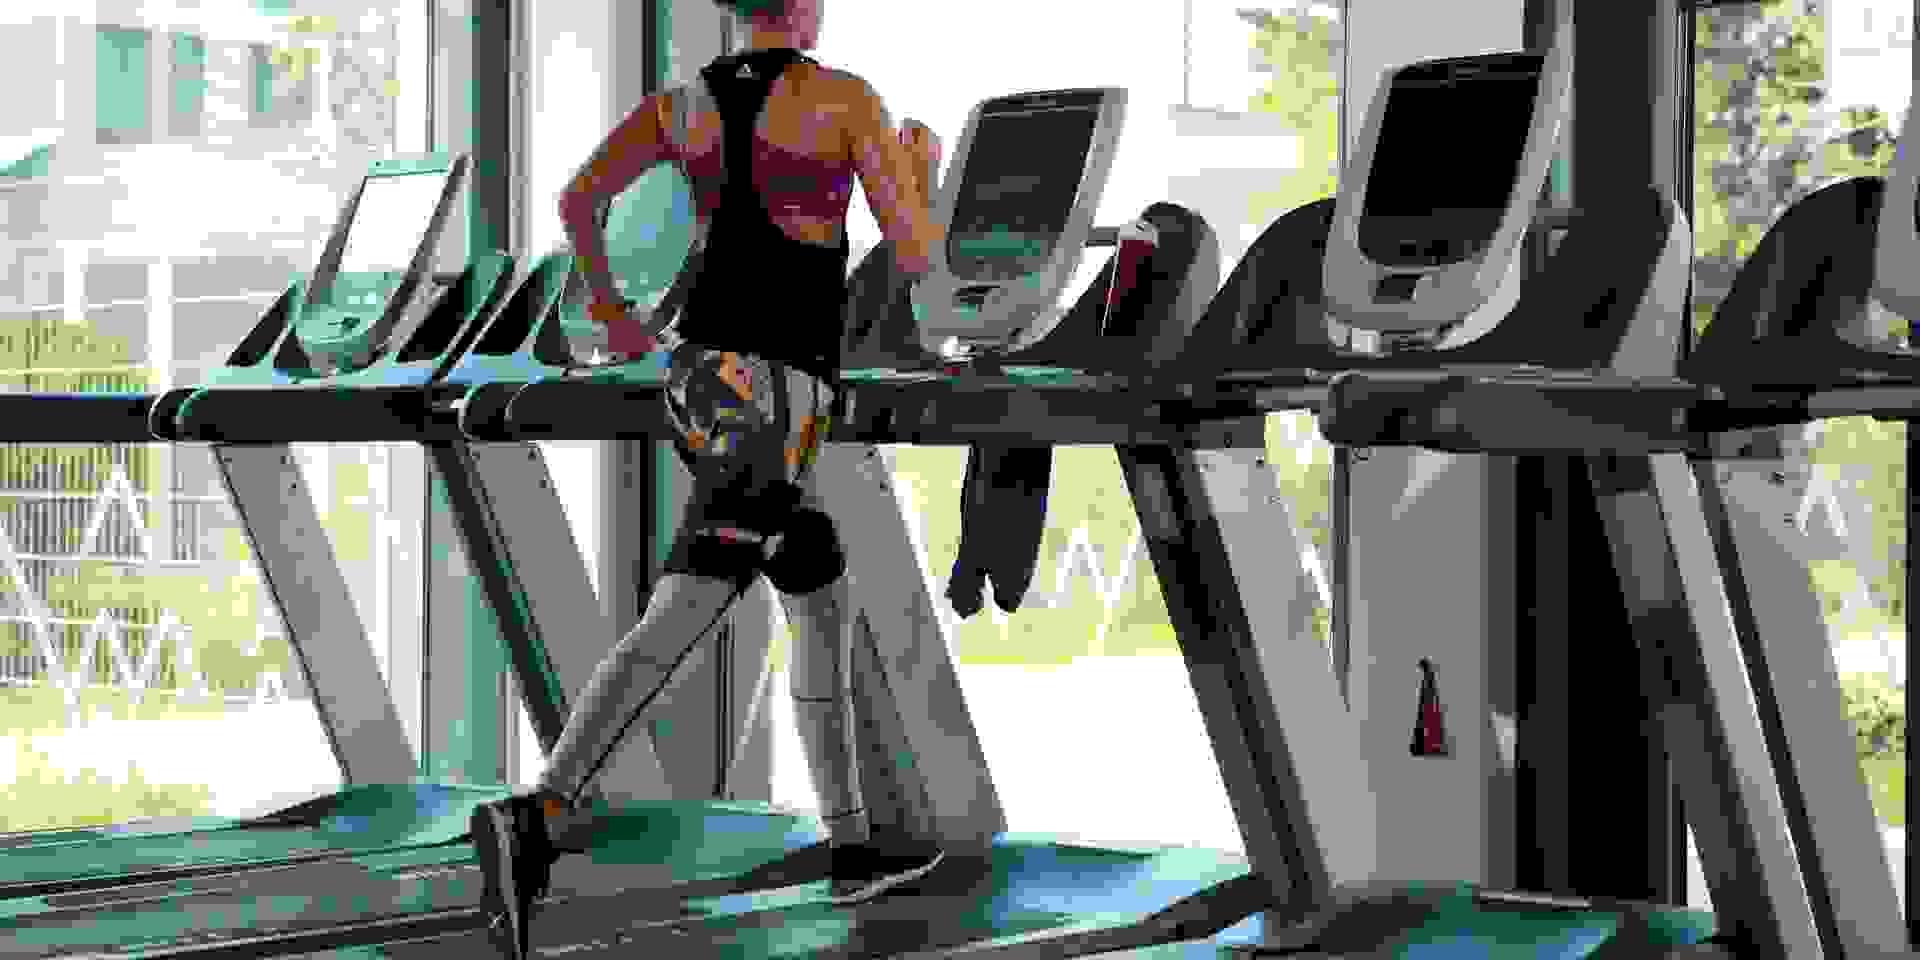 Eine Frau trainiert auf einem Laufband